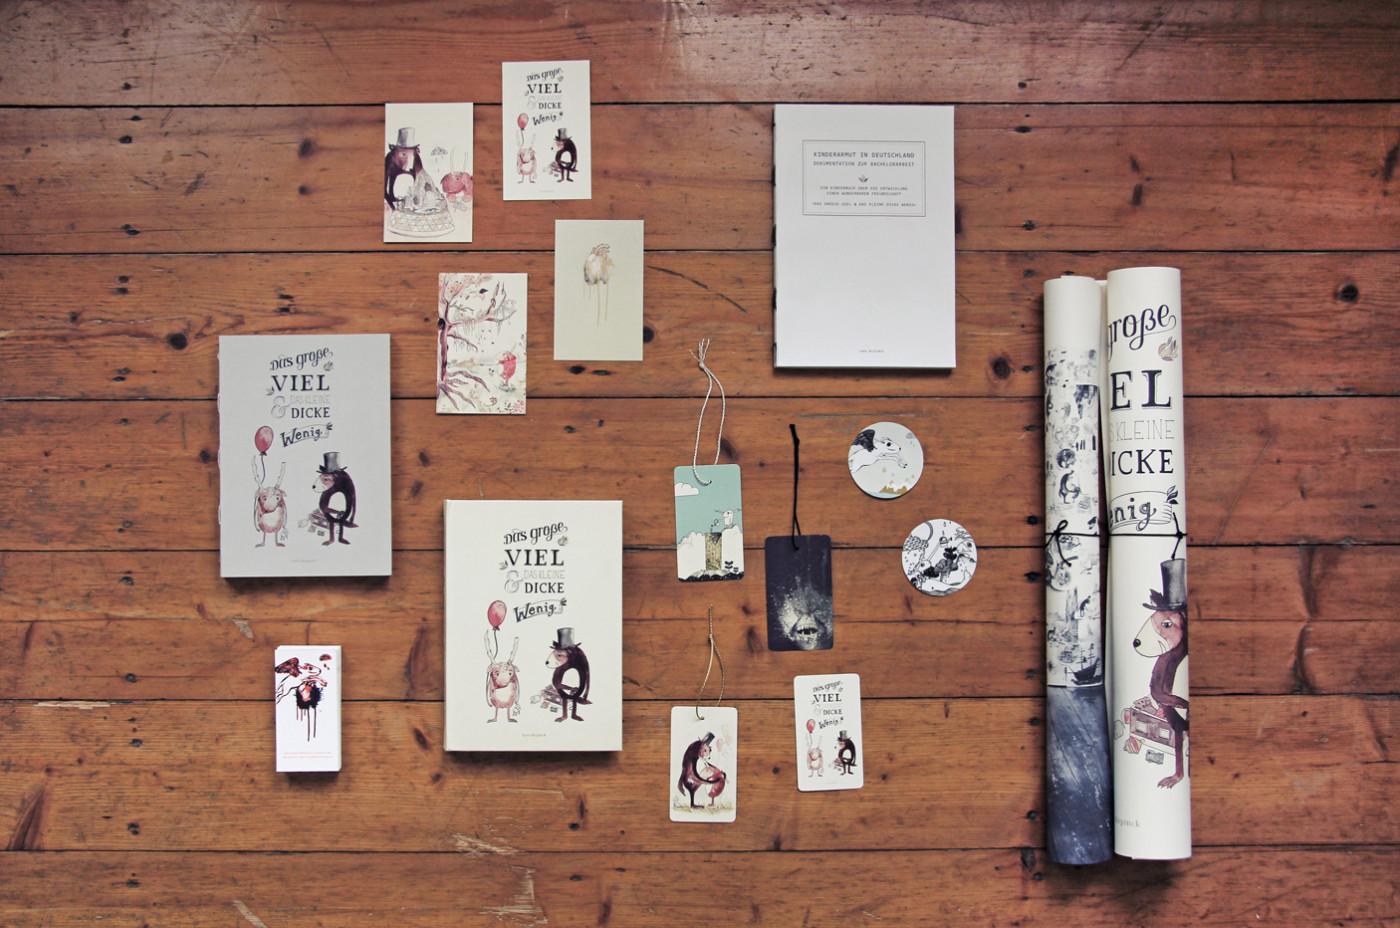 das gro e viel und das kleine dicke wenig kinderbuch. Black Bedroom Furniture Sets. Home Design Ideas